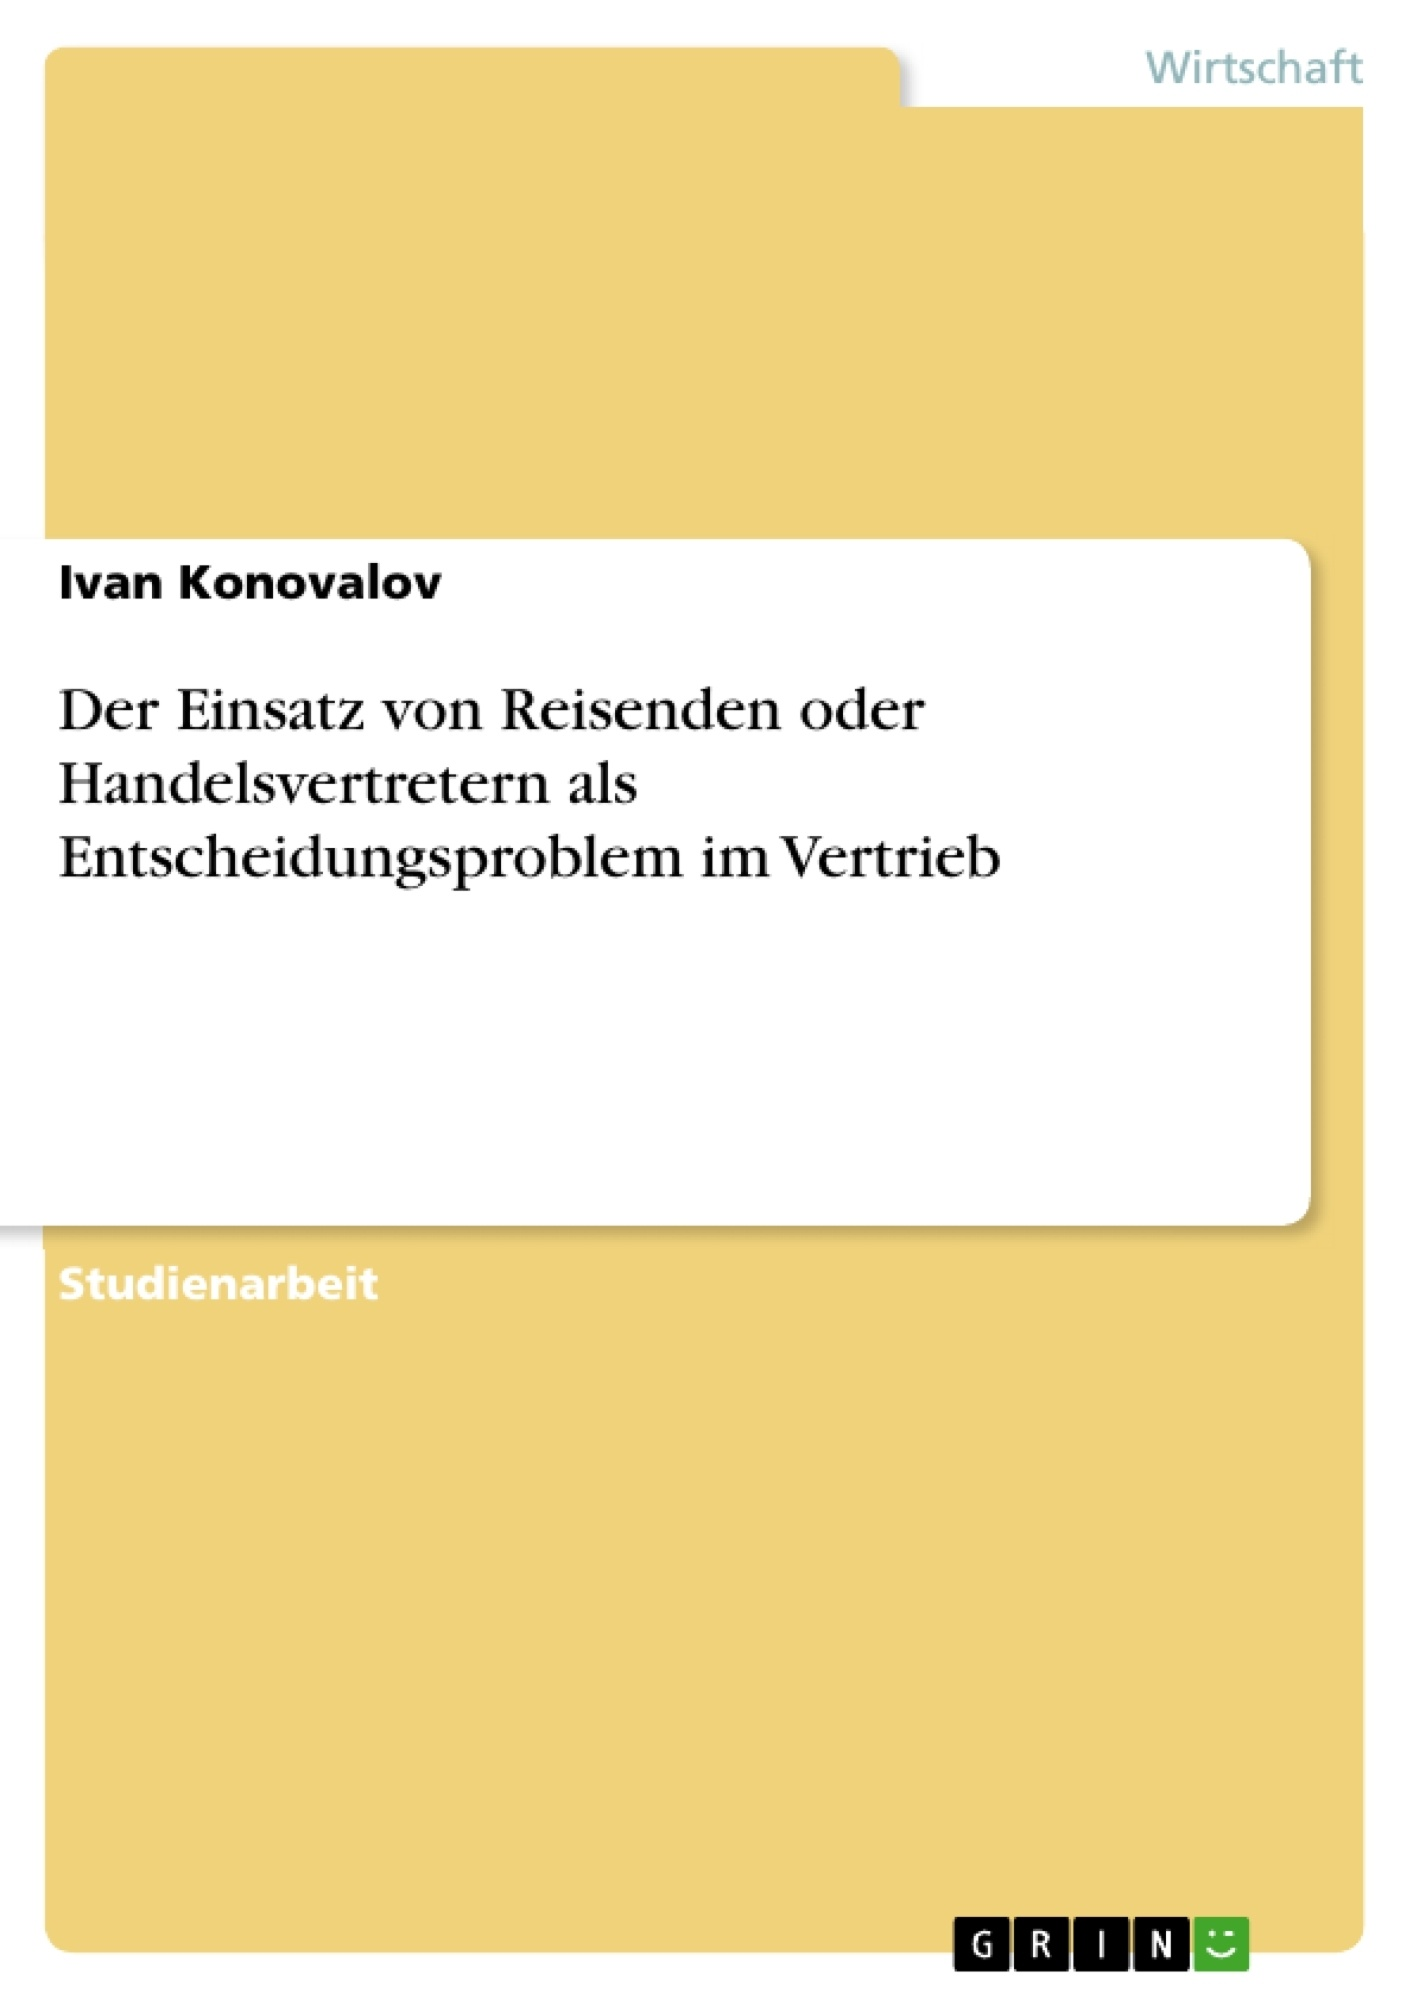 Titel: Der Einsatz von Reisenden oder Handelsvertretern als Entscheidungsproblem im Vertrieb